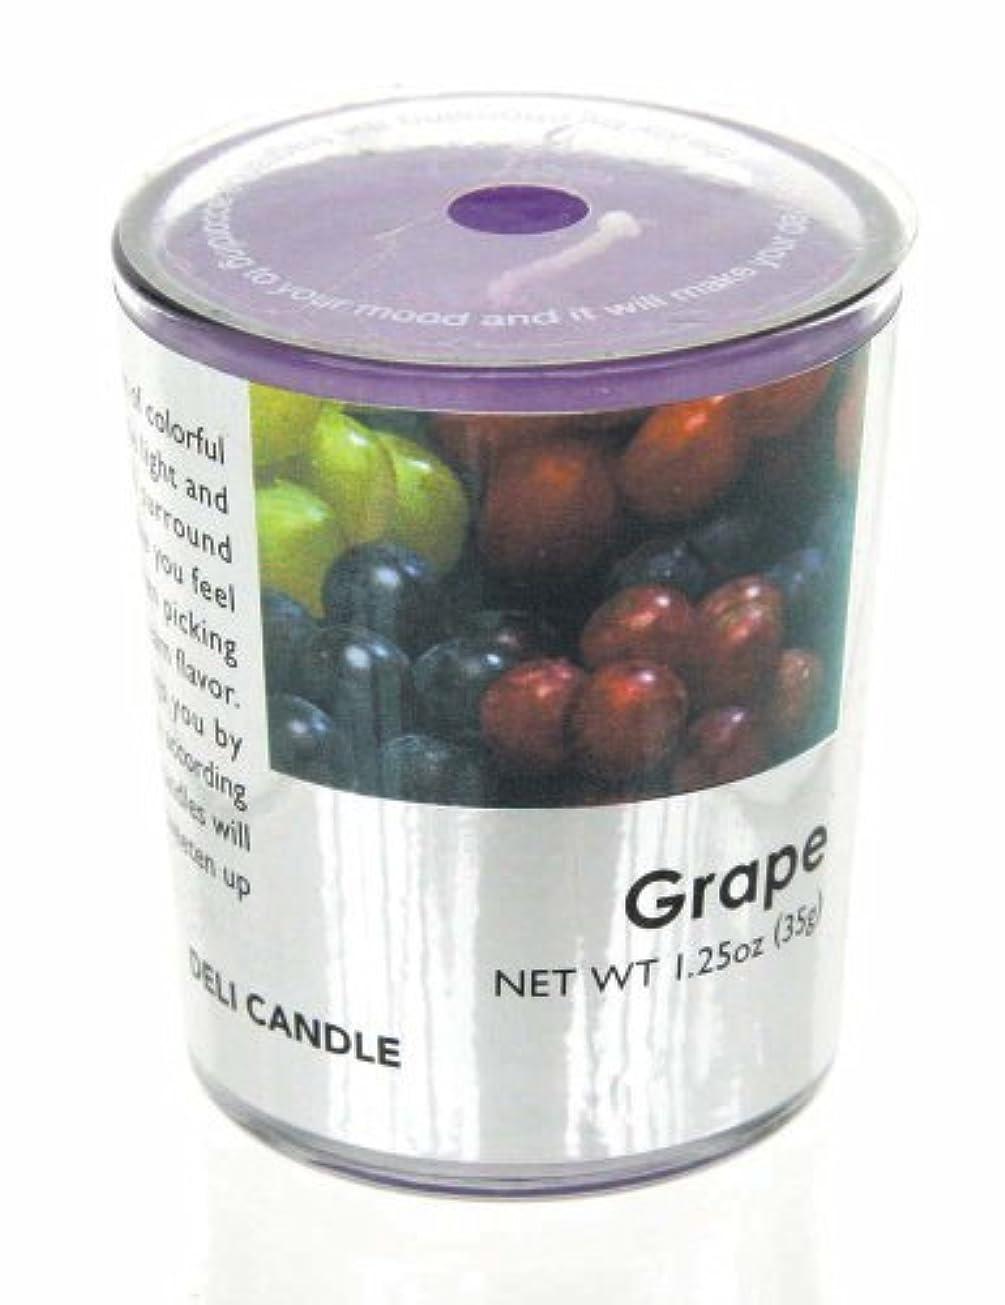 過剰オゾンスノーケルデリキャンドル グレープ 35g(フルーツの香りのろうそく 燃焼時間約10時間)